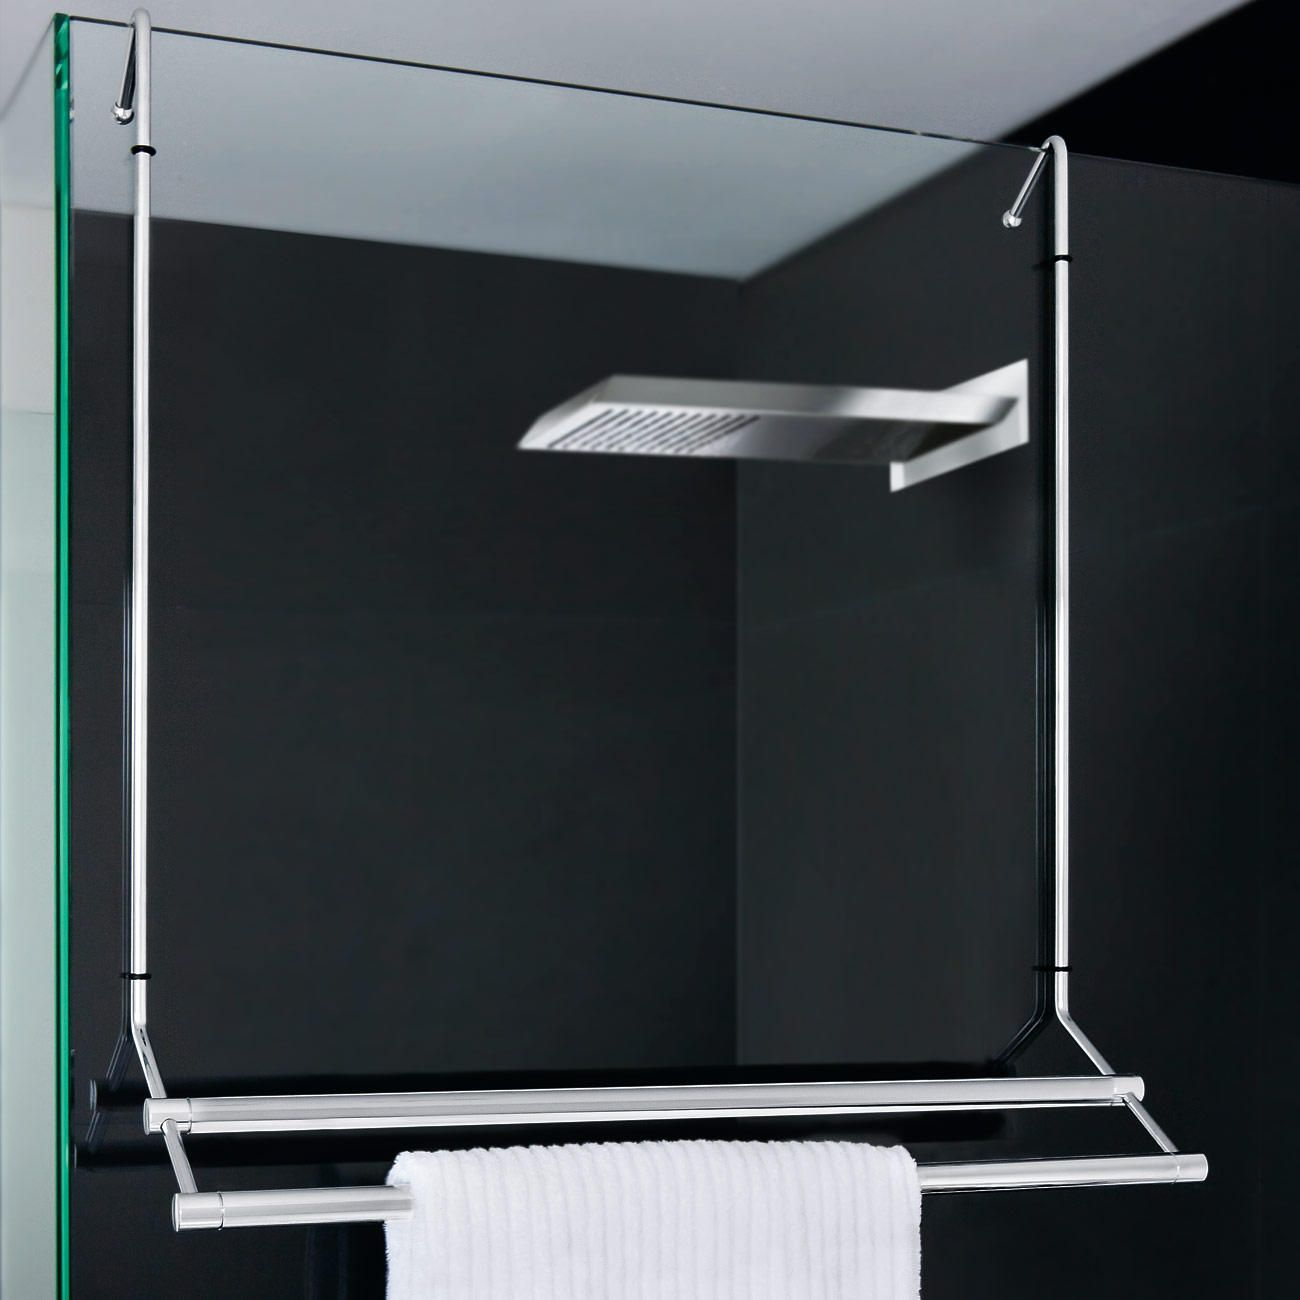 Aan De Douche Opgehangen Bespaart Uw Handdoekhouder Ruimte En Hij Kan Voor Het Reinigen Van Het Glas Badetuchhalter Handtuchhalter Handtuchhalter Glasdusche